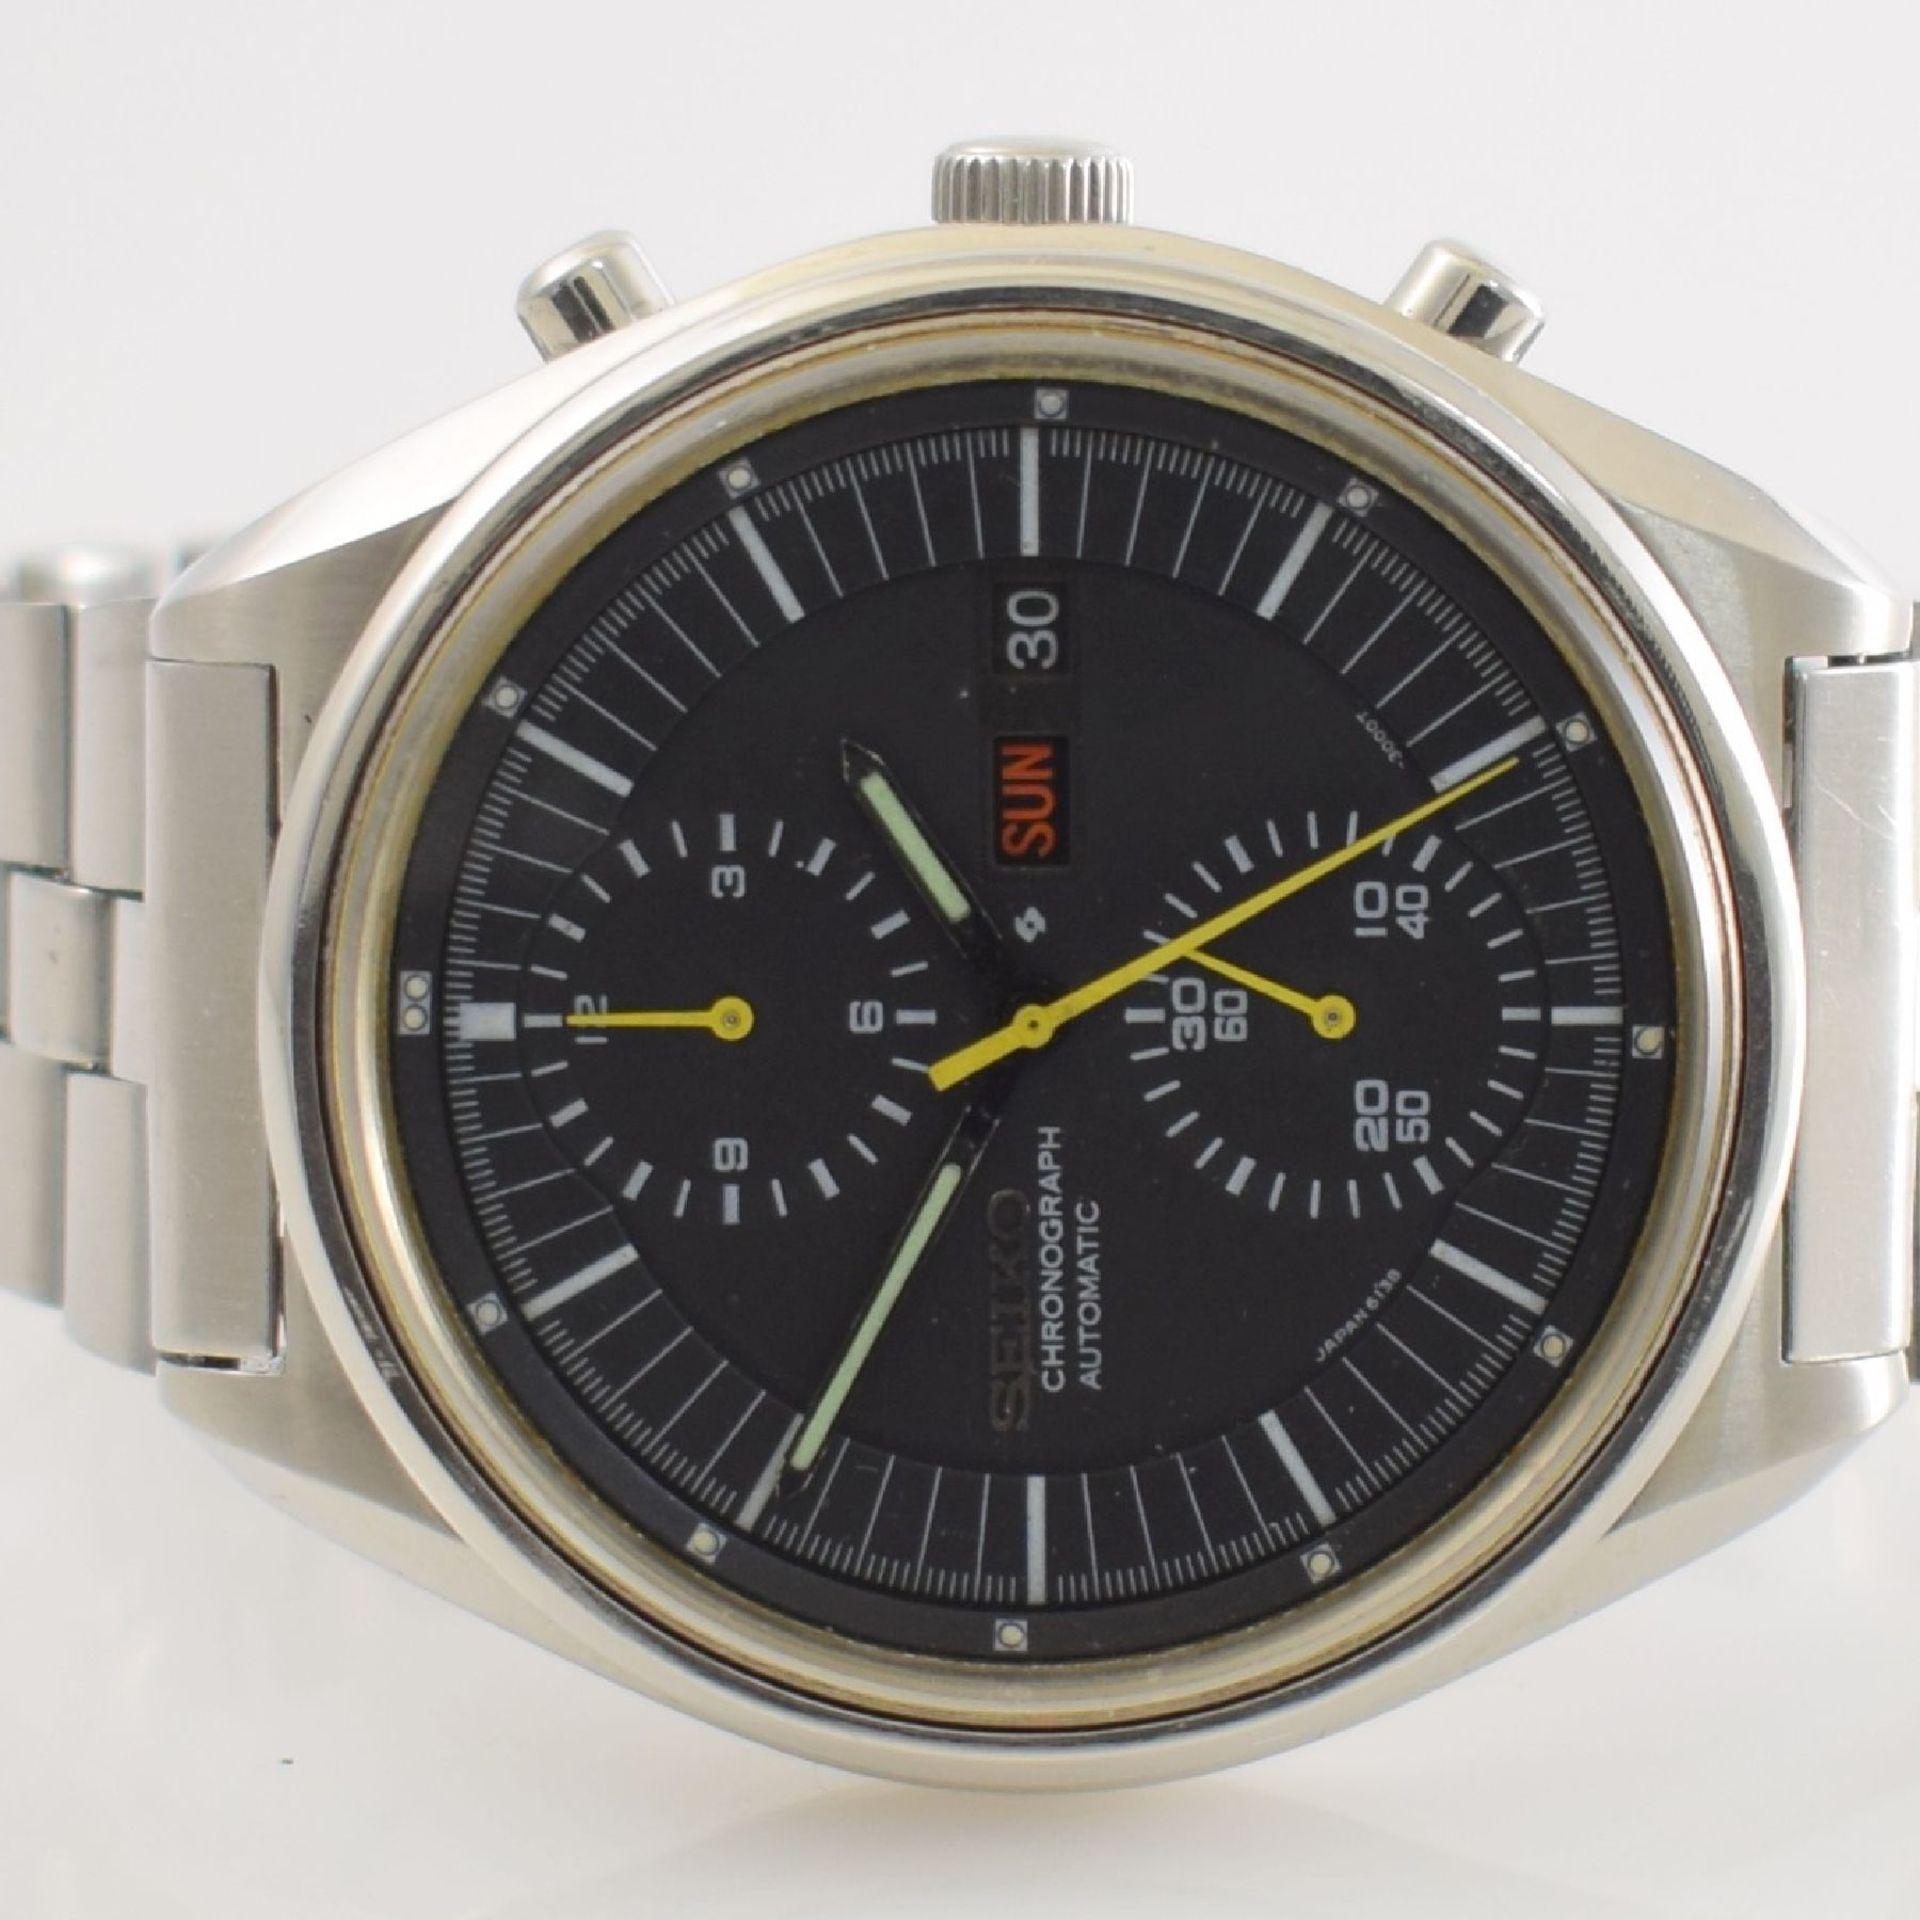 SEIKO Herrenarmbanduhr mit Chronograph in Stahl, Japan um 1975, Automatik, Ref. 6138- 3002, verschr. - Bild 2 aus 6